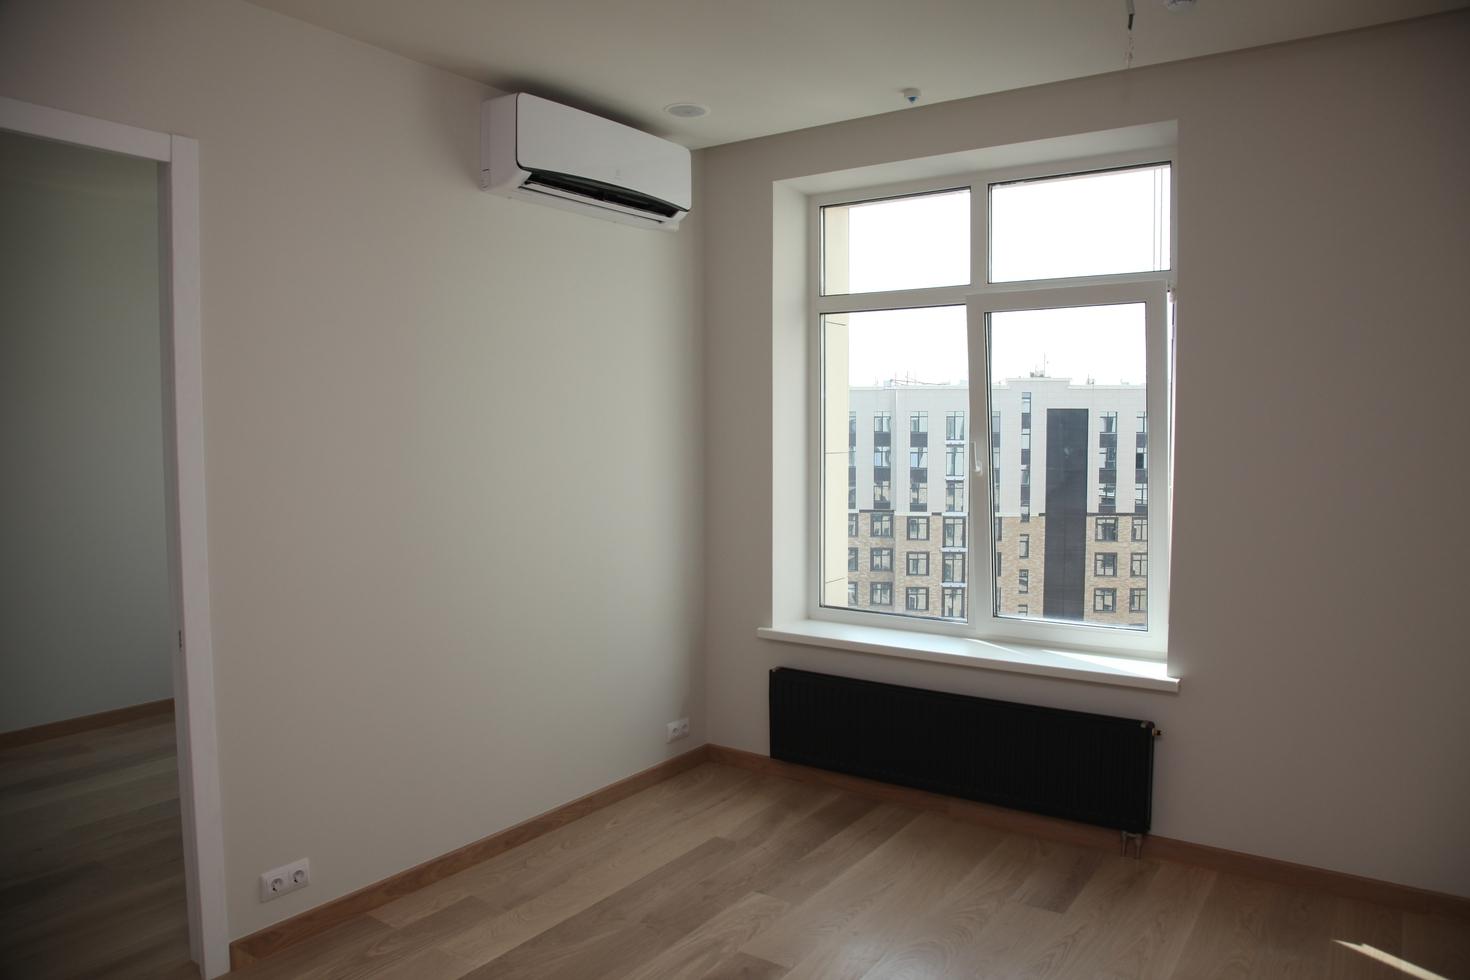 От спорной нормы о приемке квартир с дефектами решено отказаться